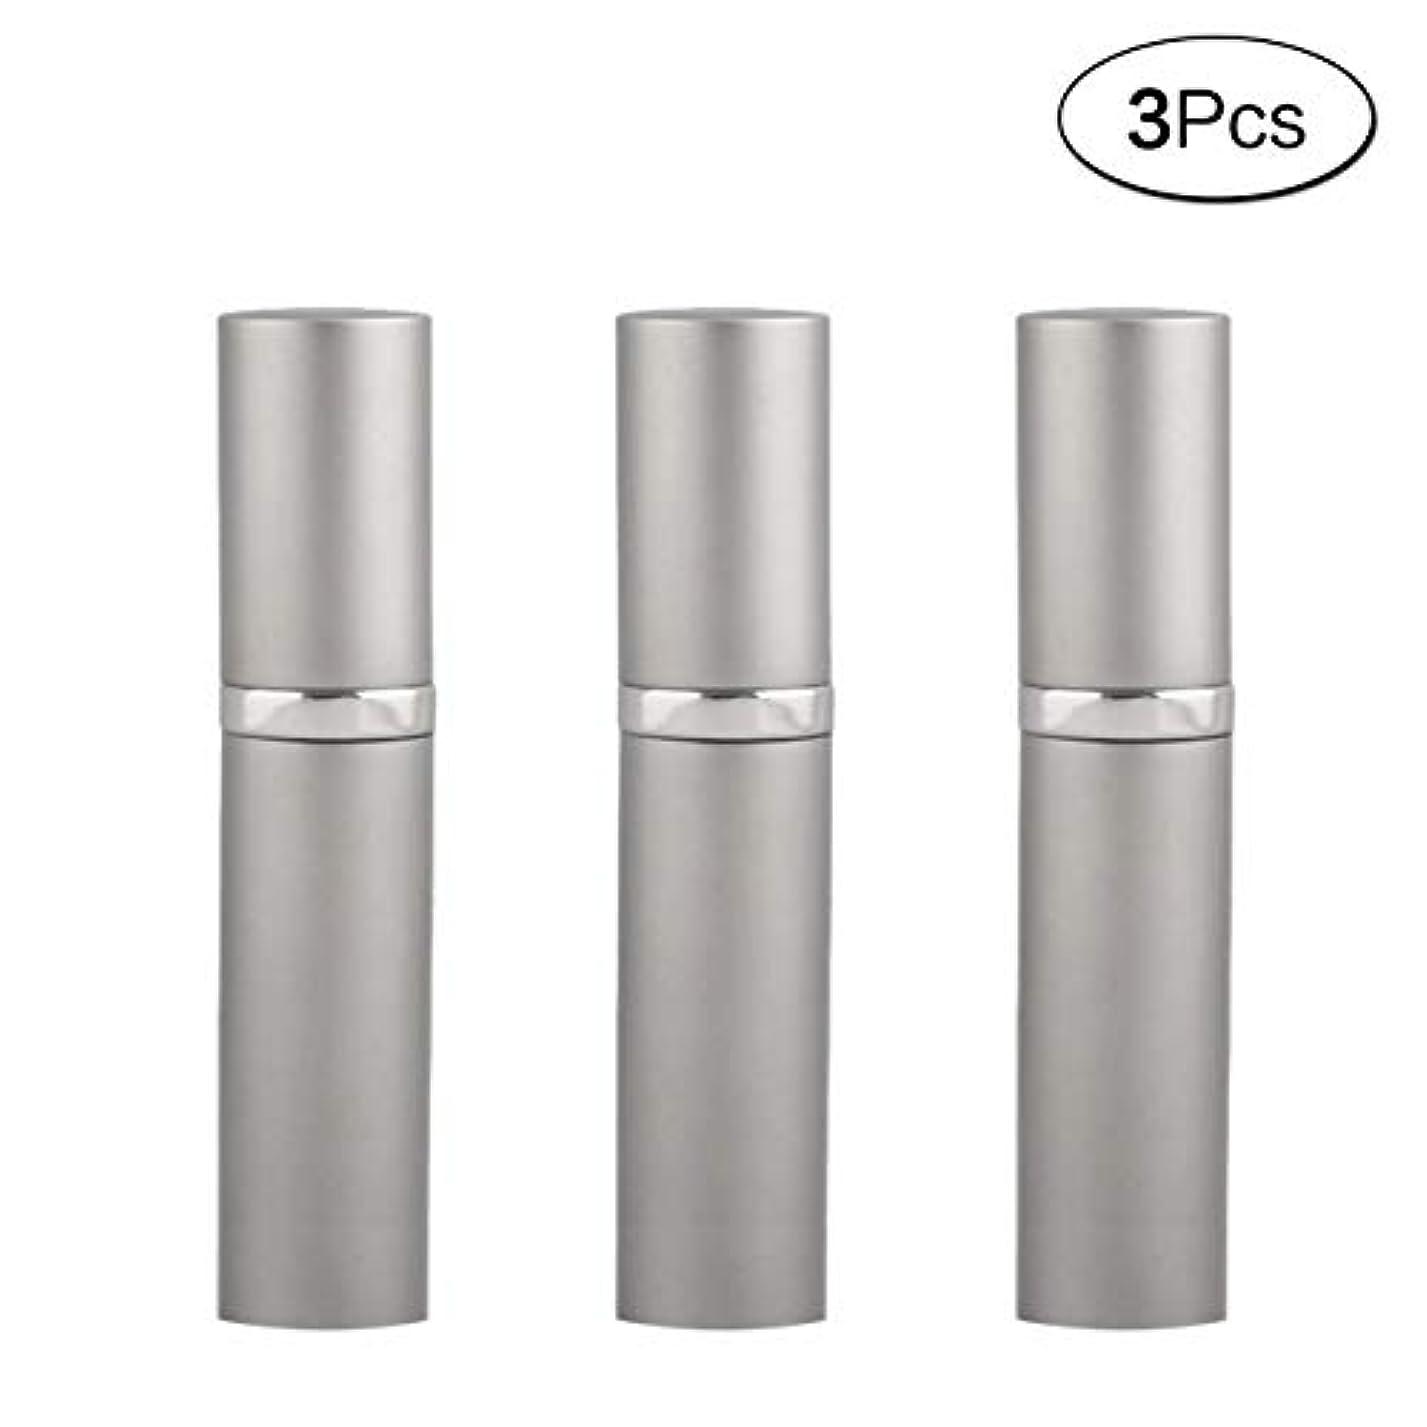 習字後方ドット5ML アトマイザ- 詰め替え ポータブル クイック 香水噴霧器 携帯用 詰め替え容器 香水用 ワンタッチ補充 (グレ-Gray) 3本